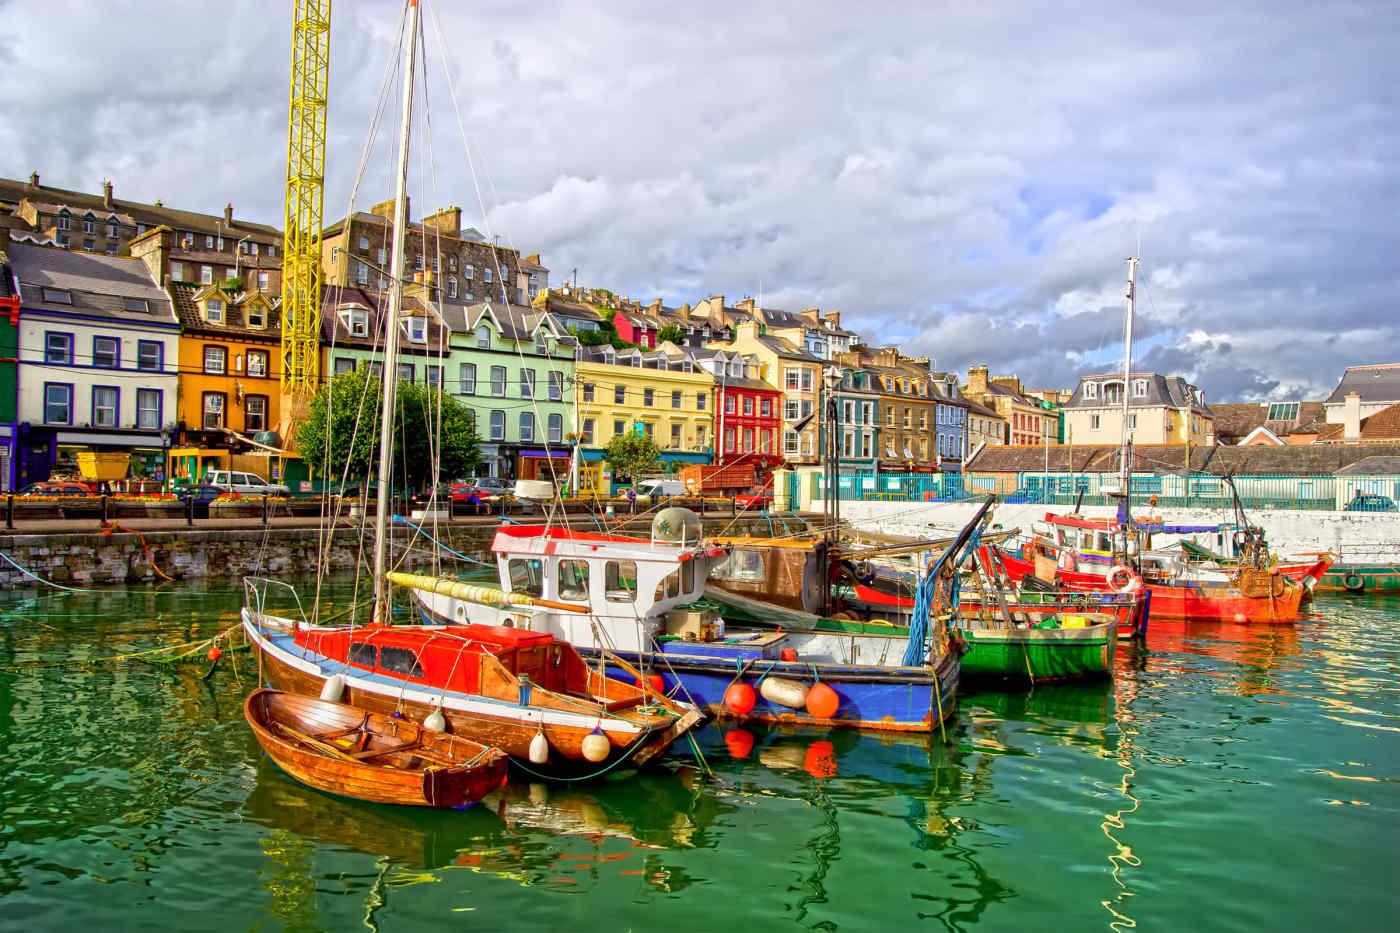 Cobh • County Cork, Ireland